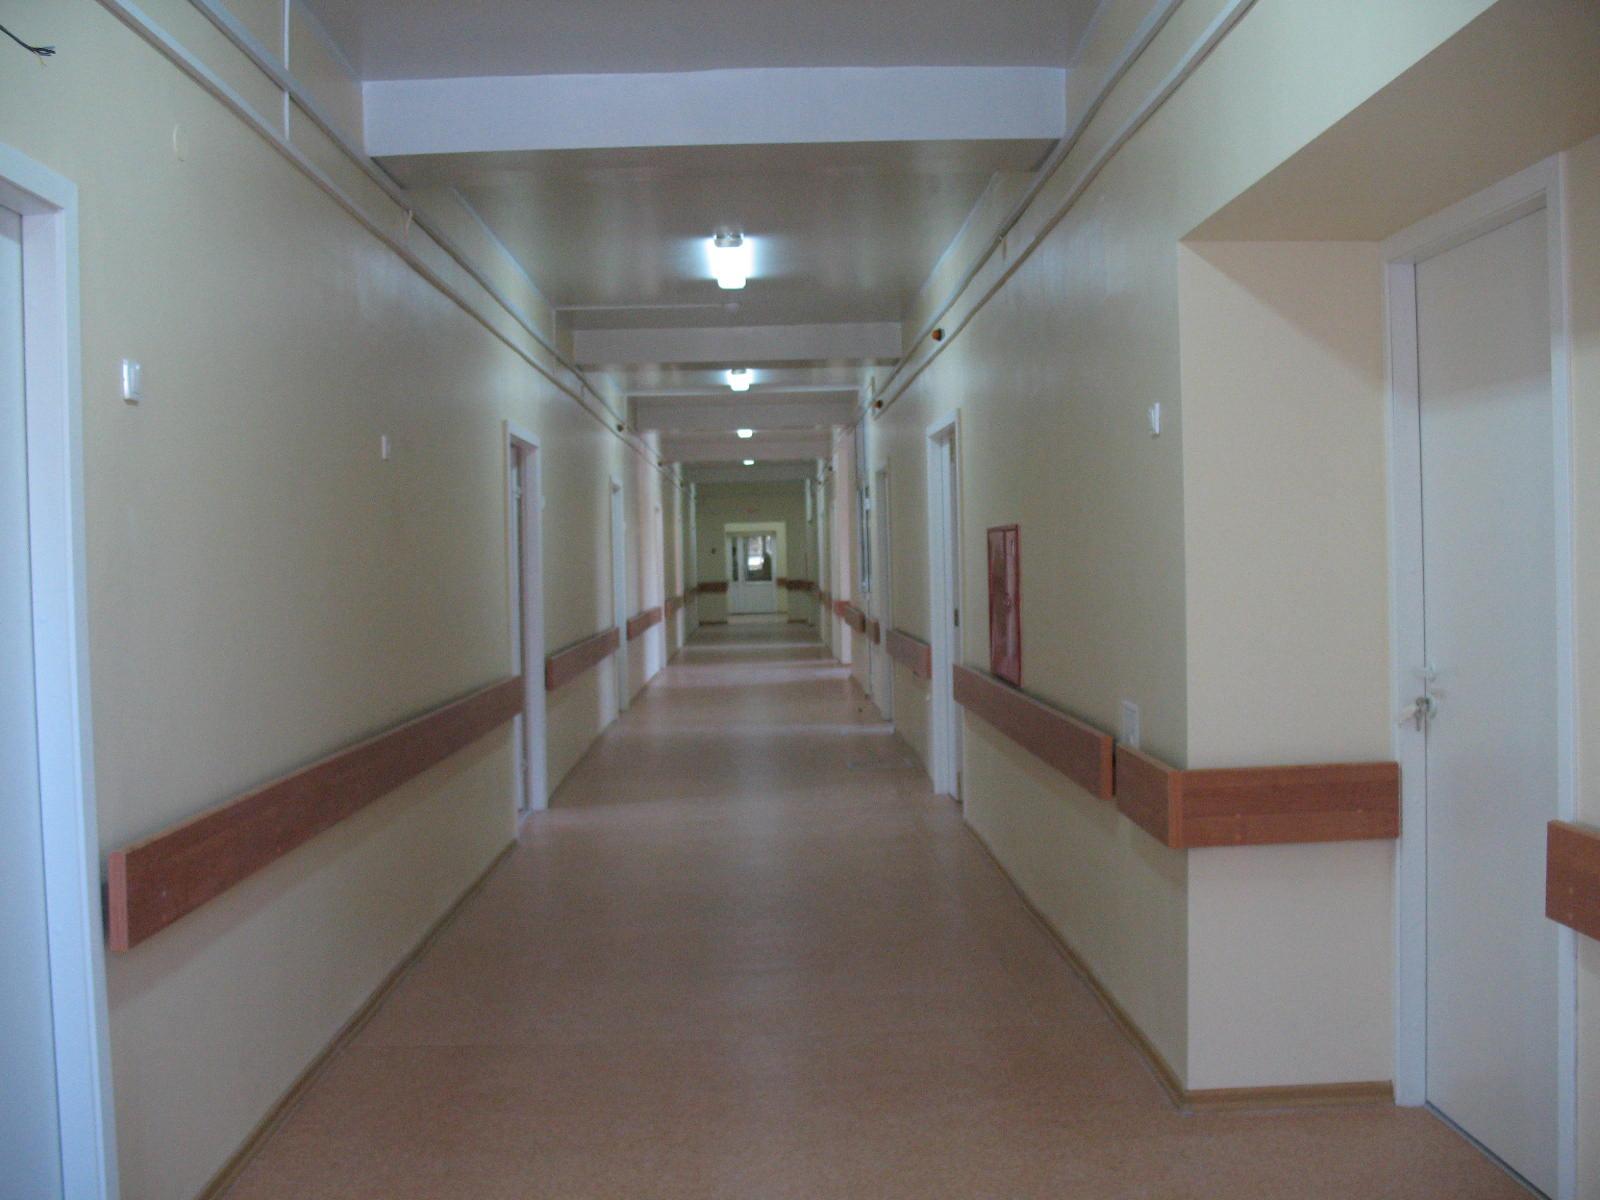 Больница 40 автозаводского района нижнего новгорода адрес